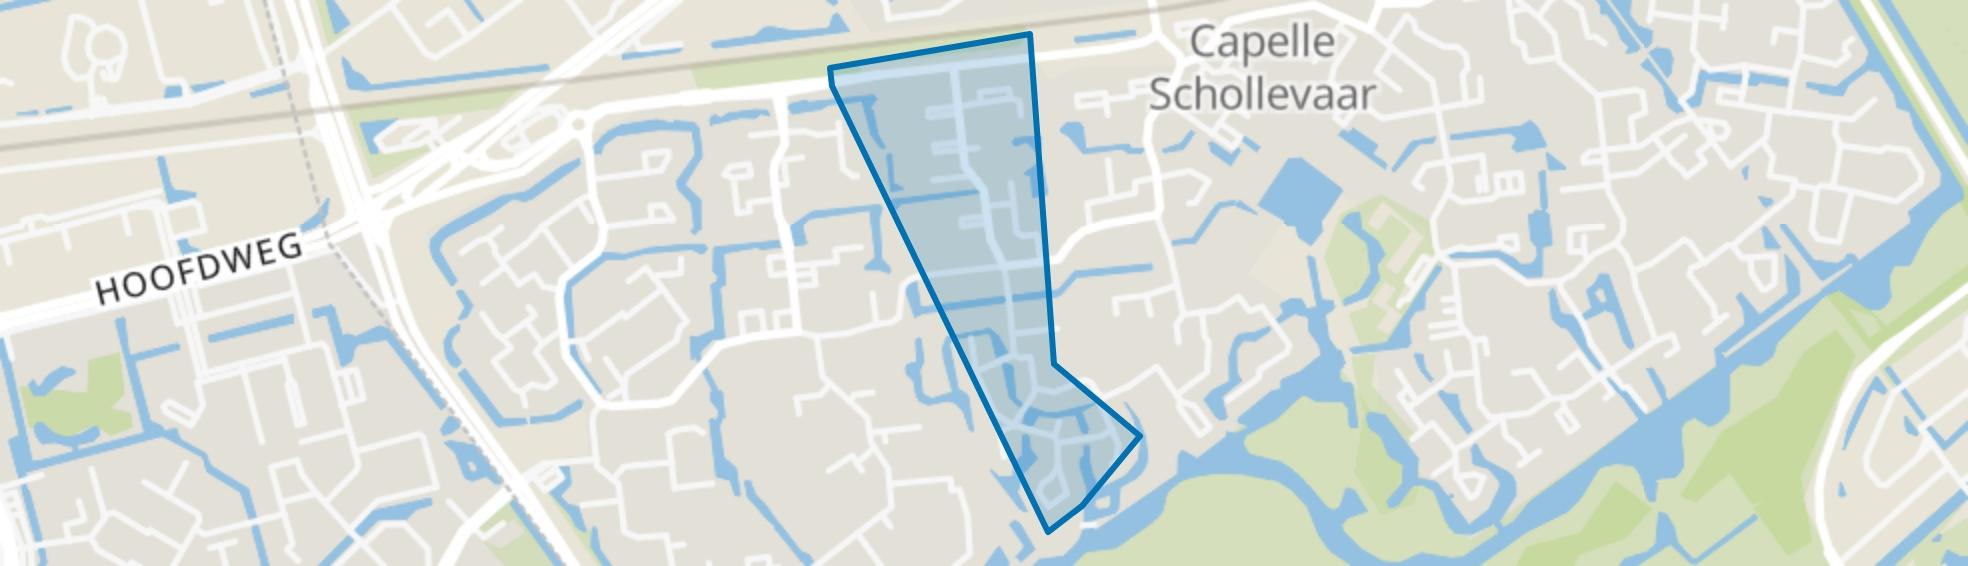 Burgenbuurt, Capelle aan den IJssel map